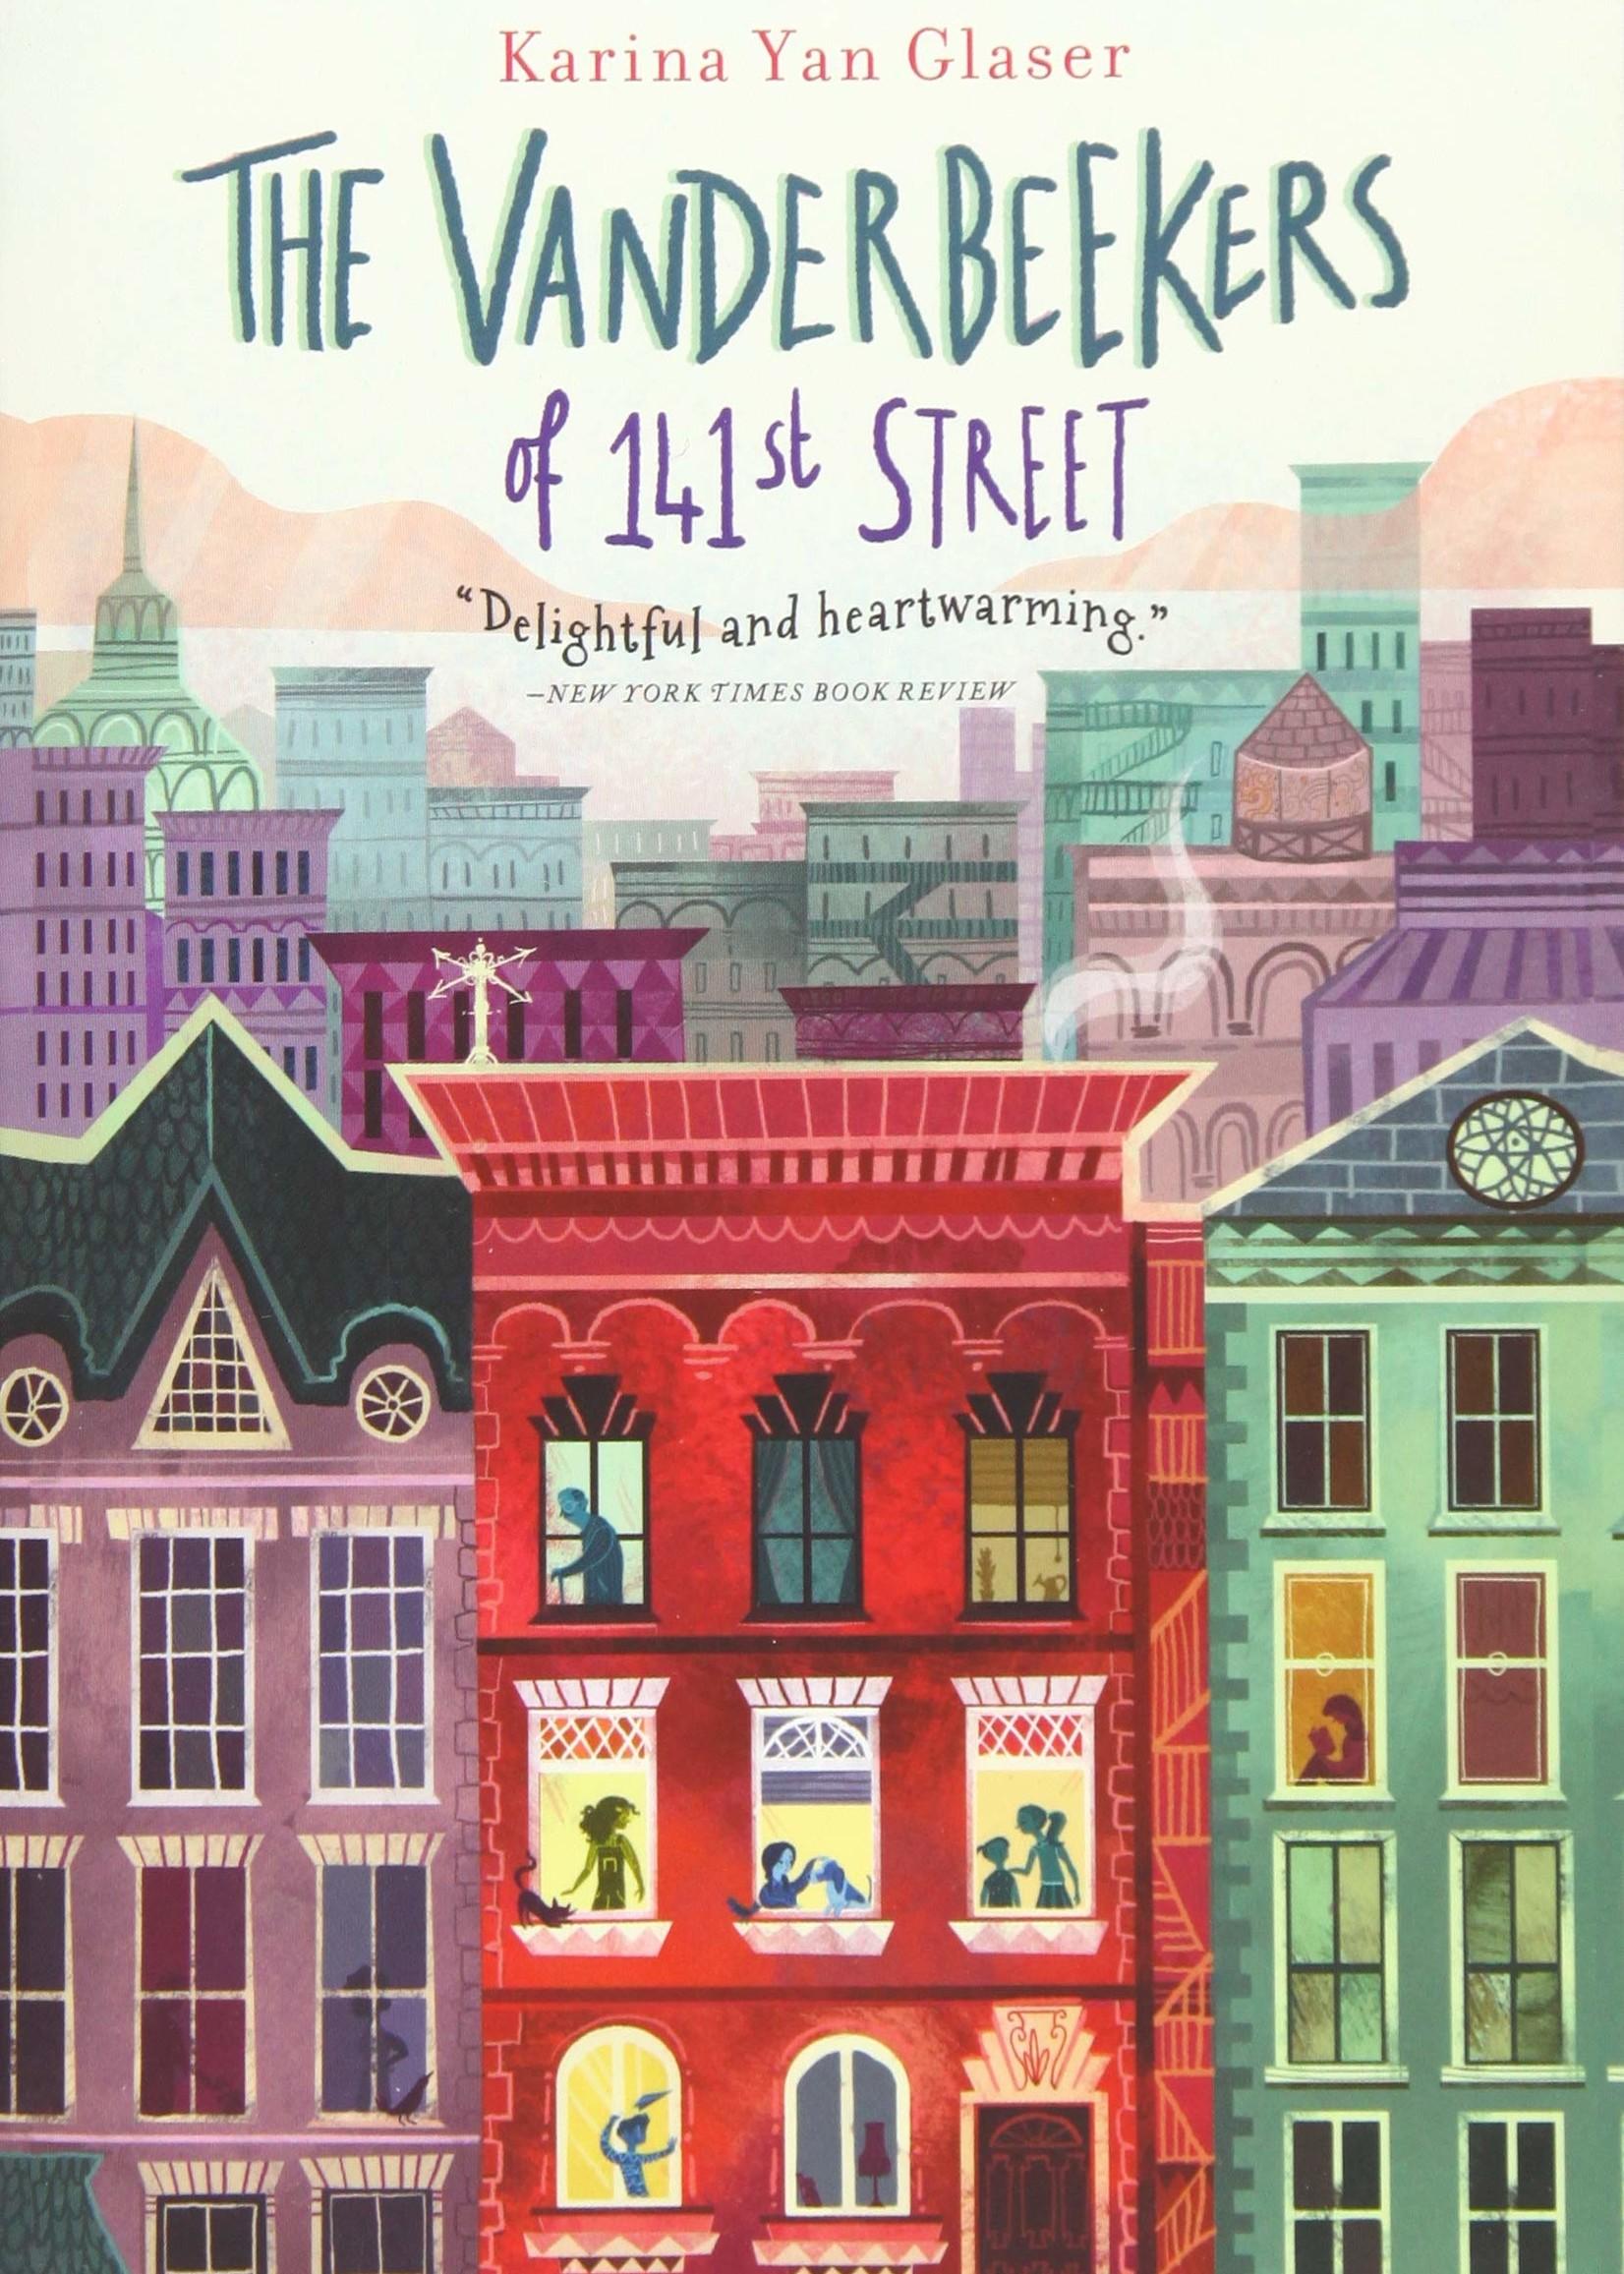 Vanderbeekers #01, The Vanderbeekers of 141st Street - Paperback